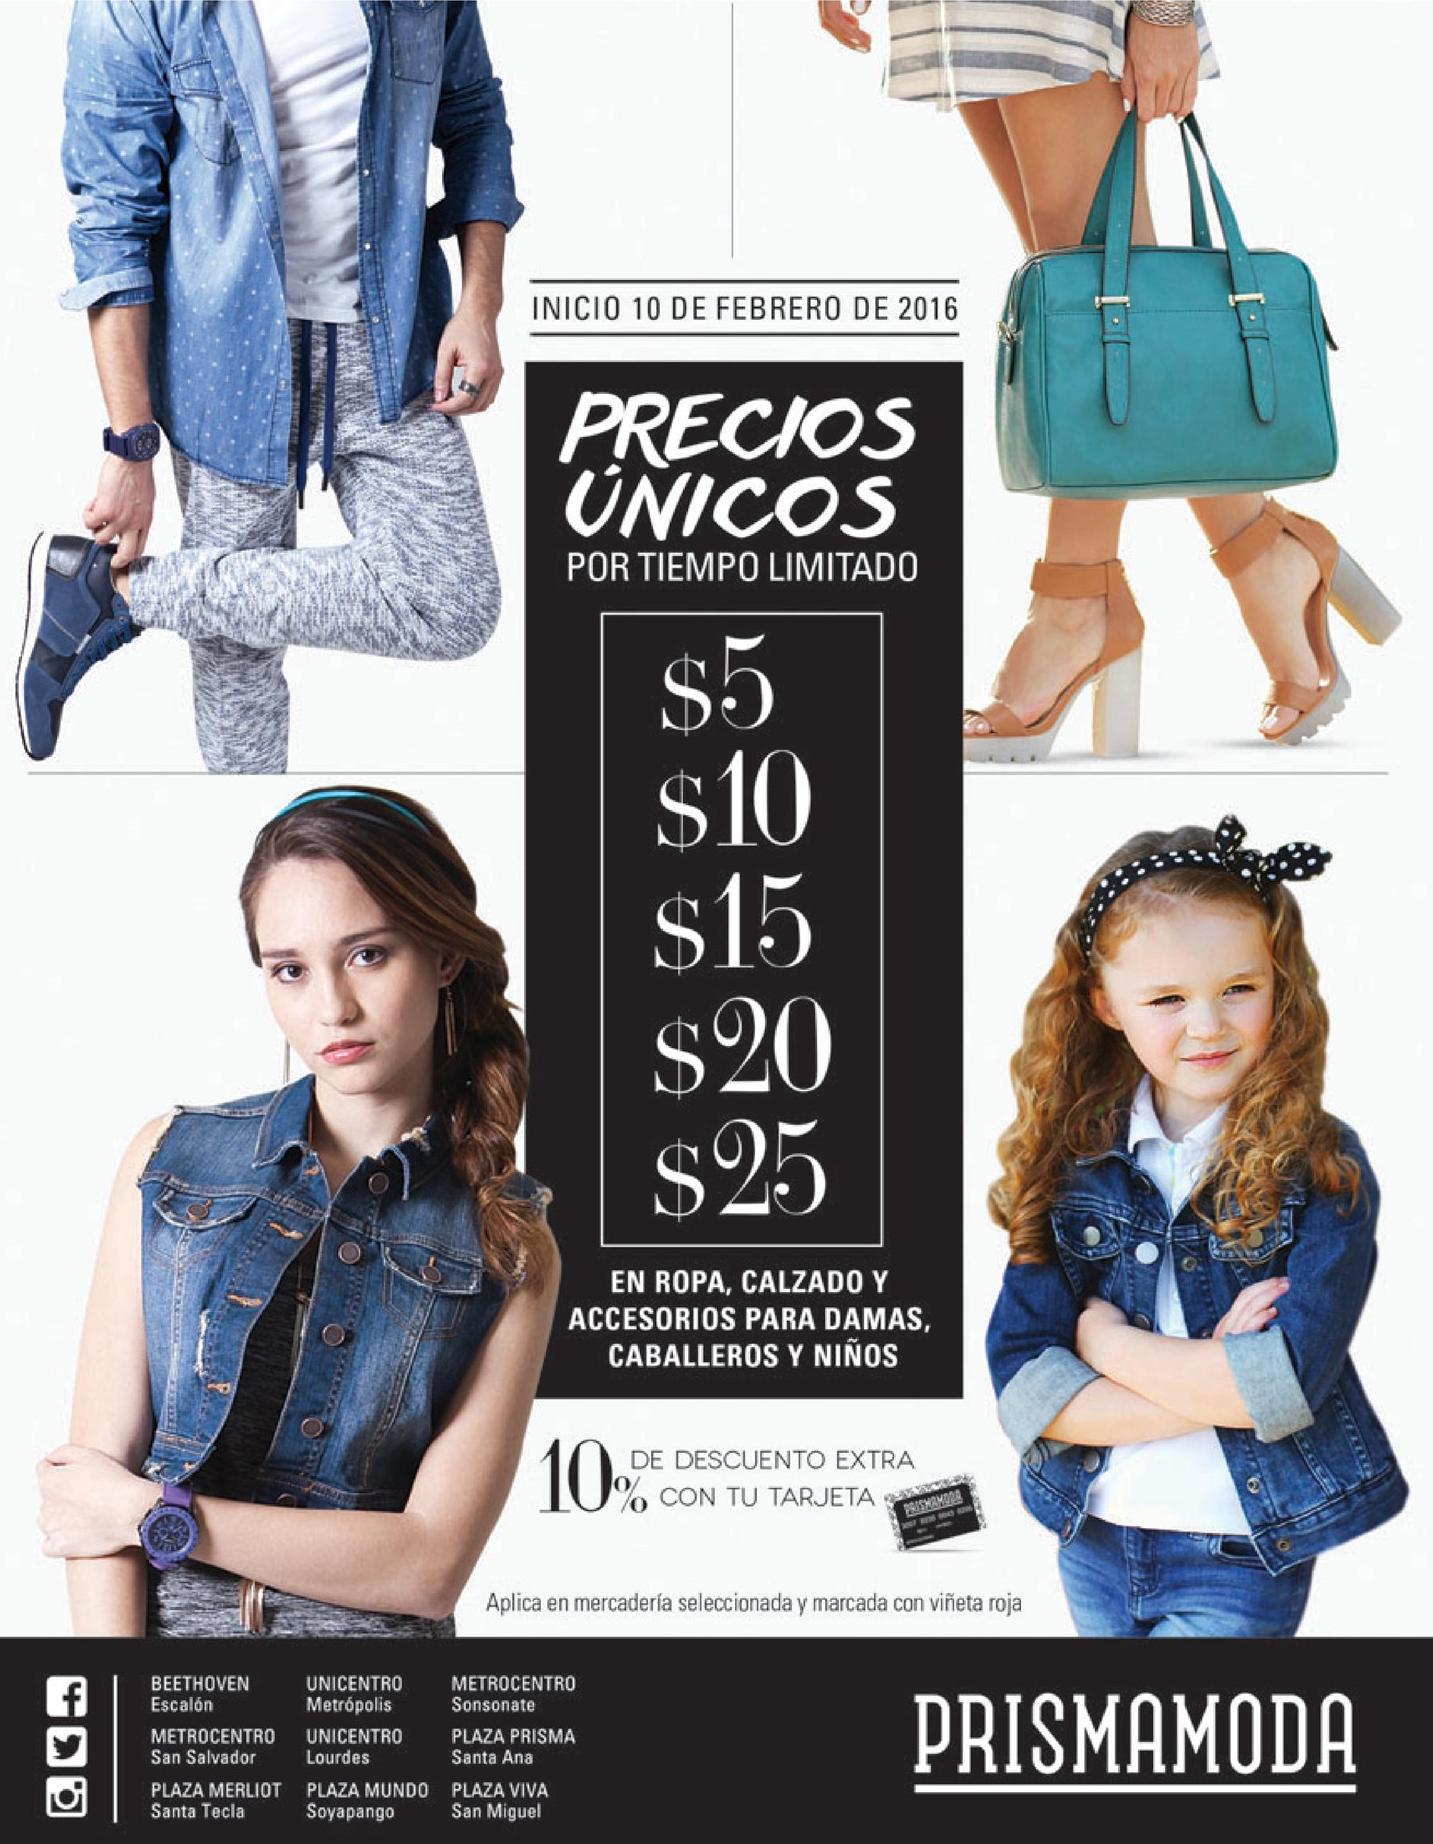 ROPA prisma moda Ahora inician precios unicos de temporada FEBRERO 2016